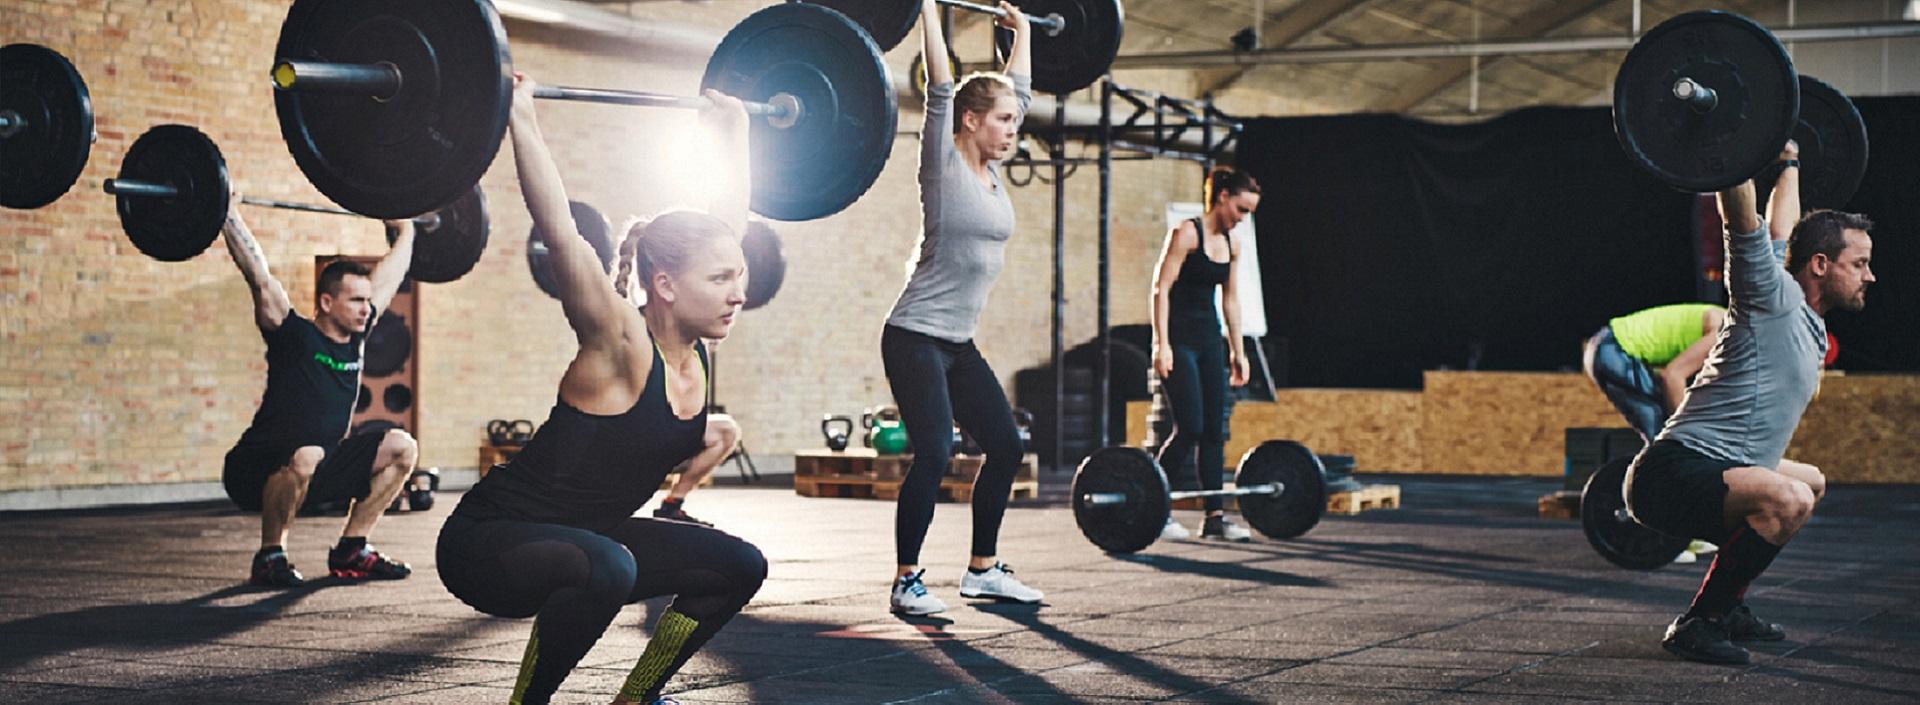 Sporter und Fitness